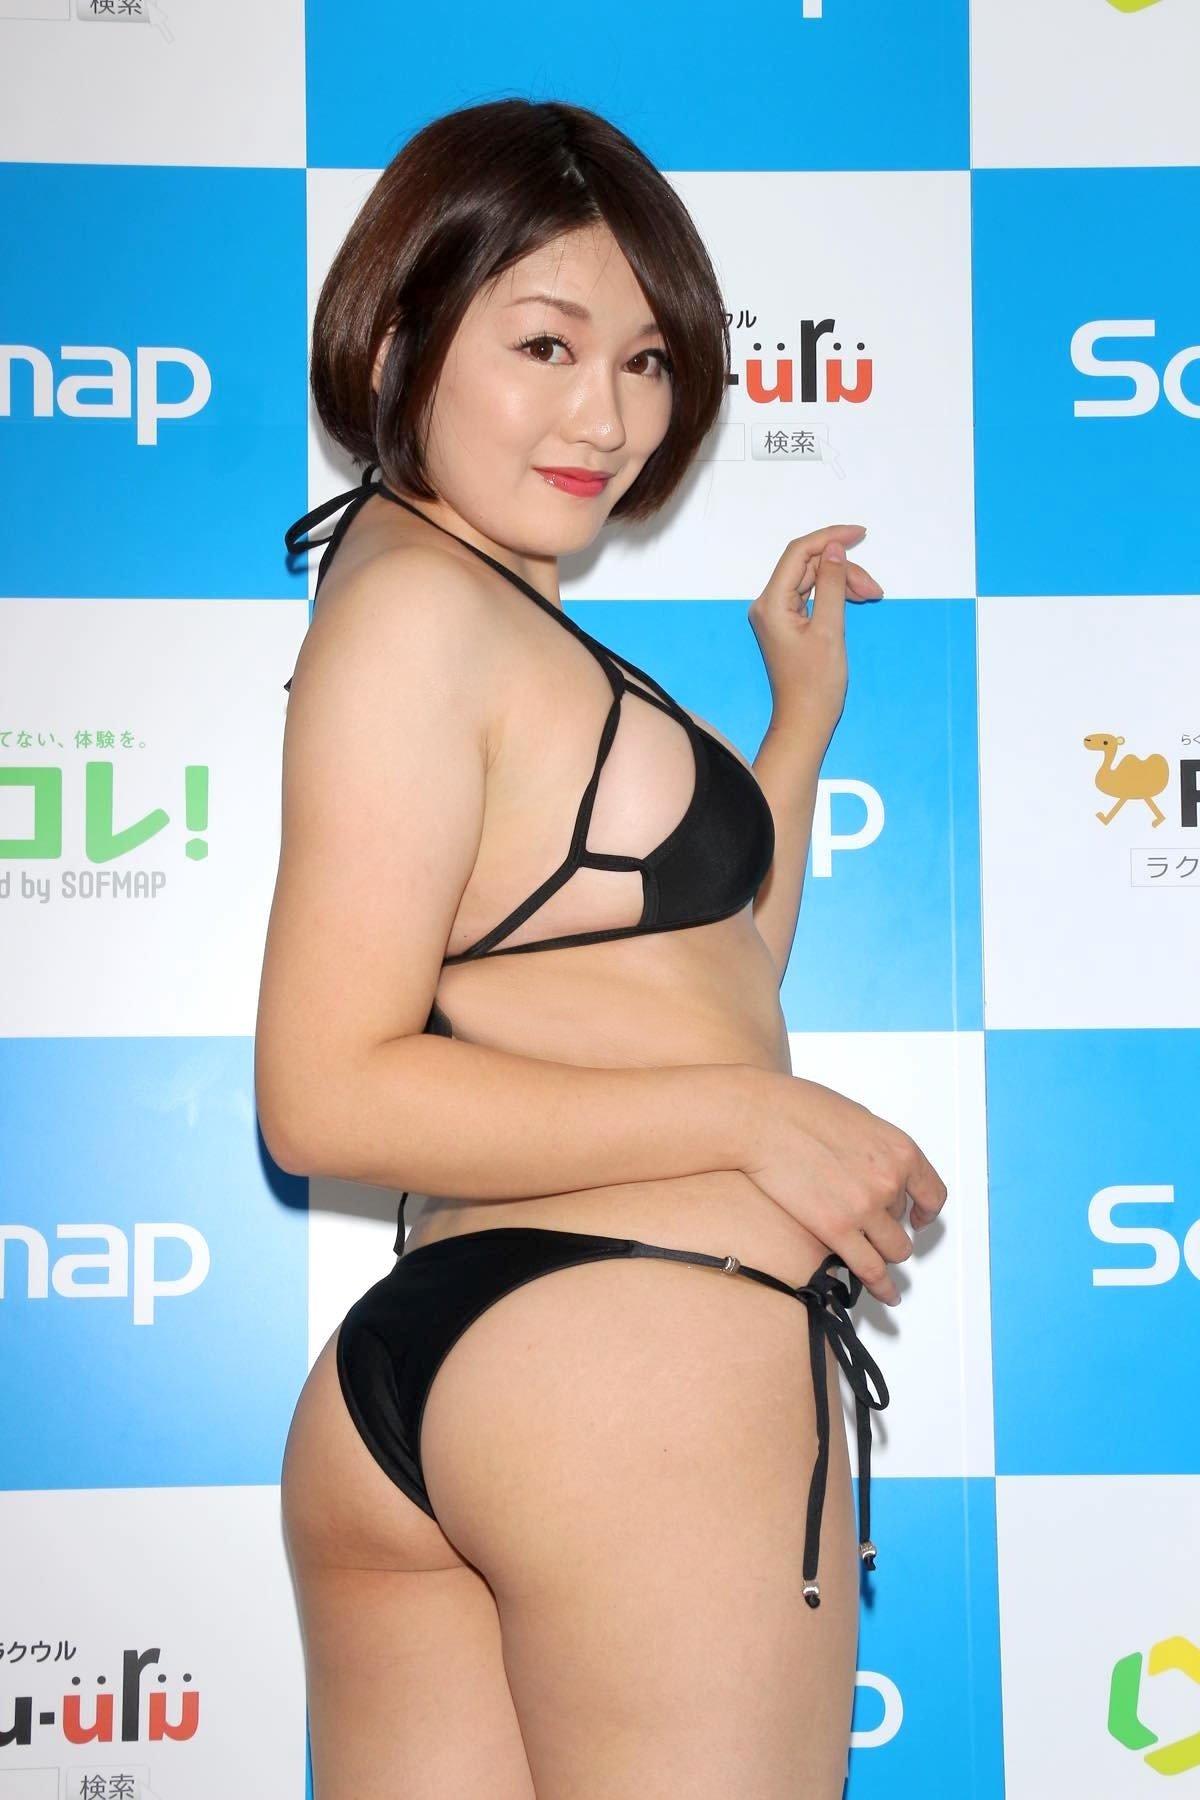 多田あさみ「赤い下着でイチャイチャ」お風呂で洗いっこにも挑戦!【画像39枚】の画像007